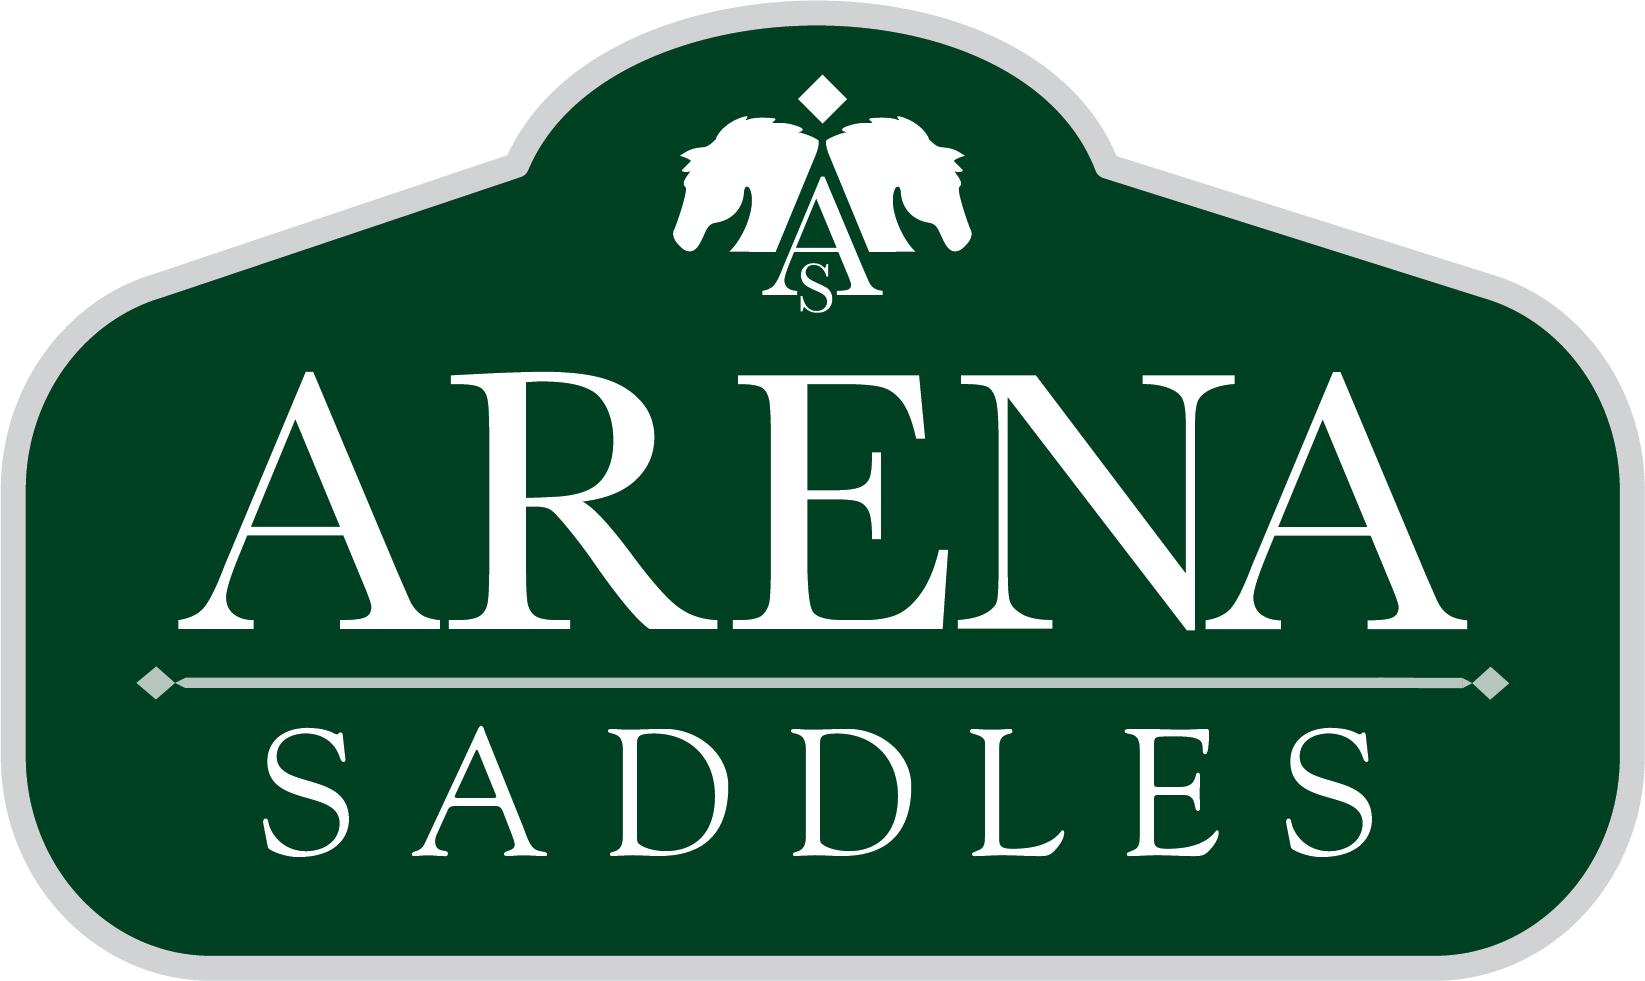 arena-saddle-logo.jpg